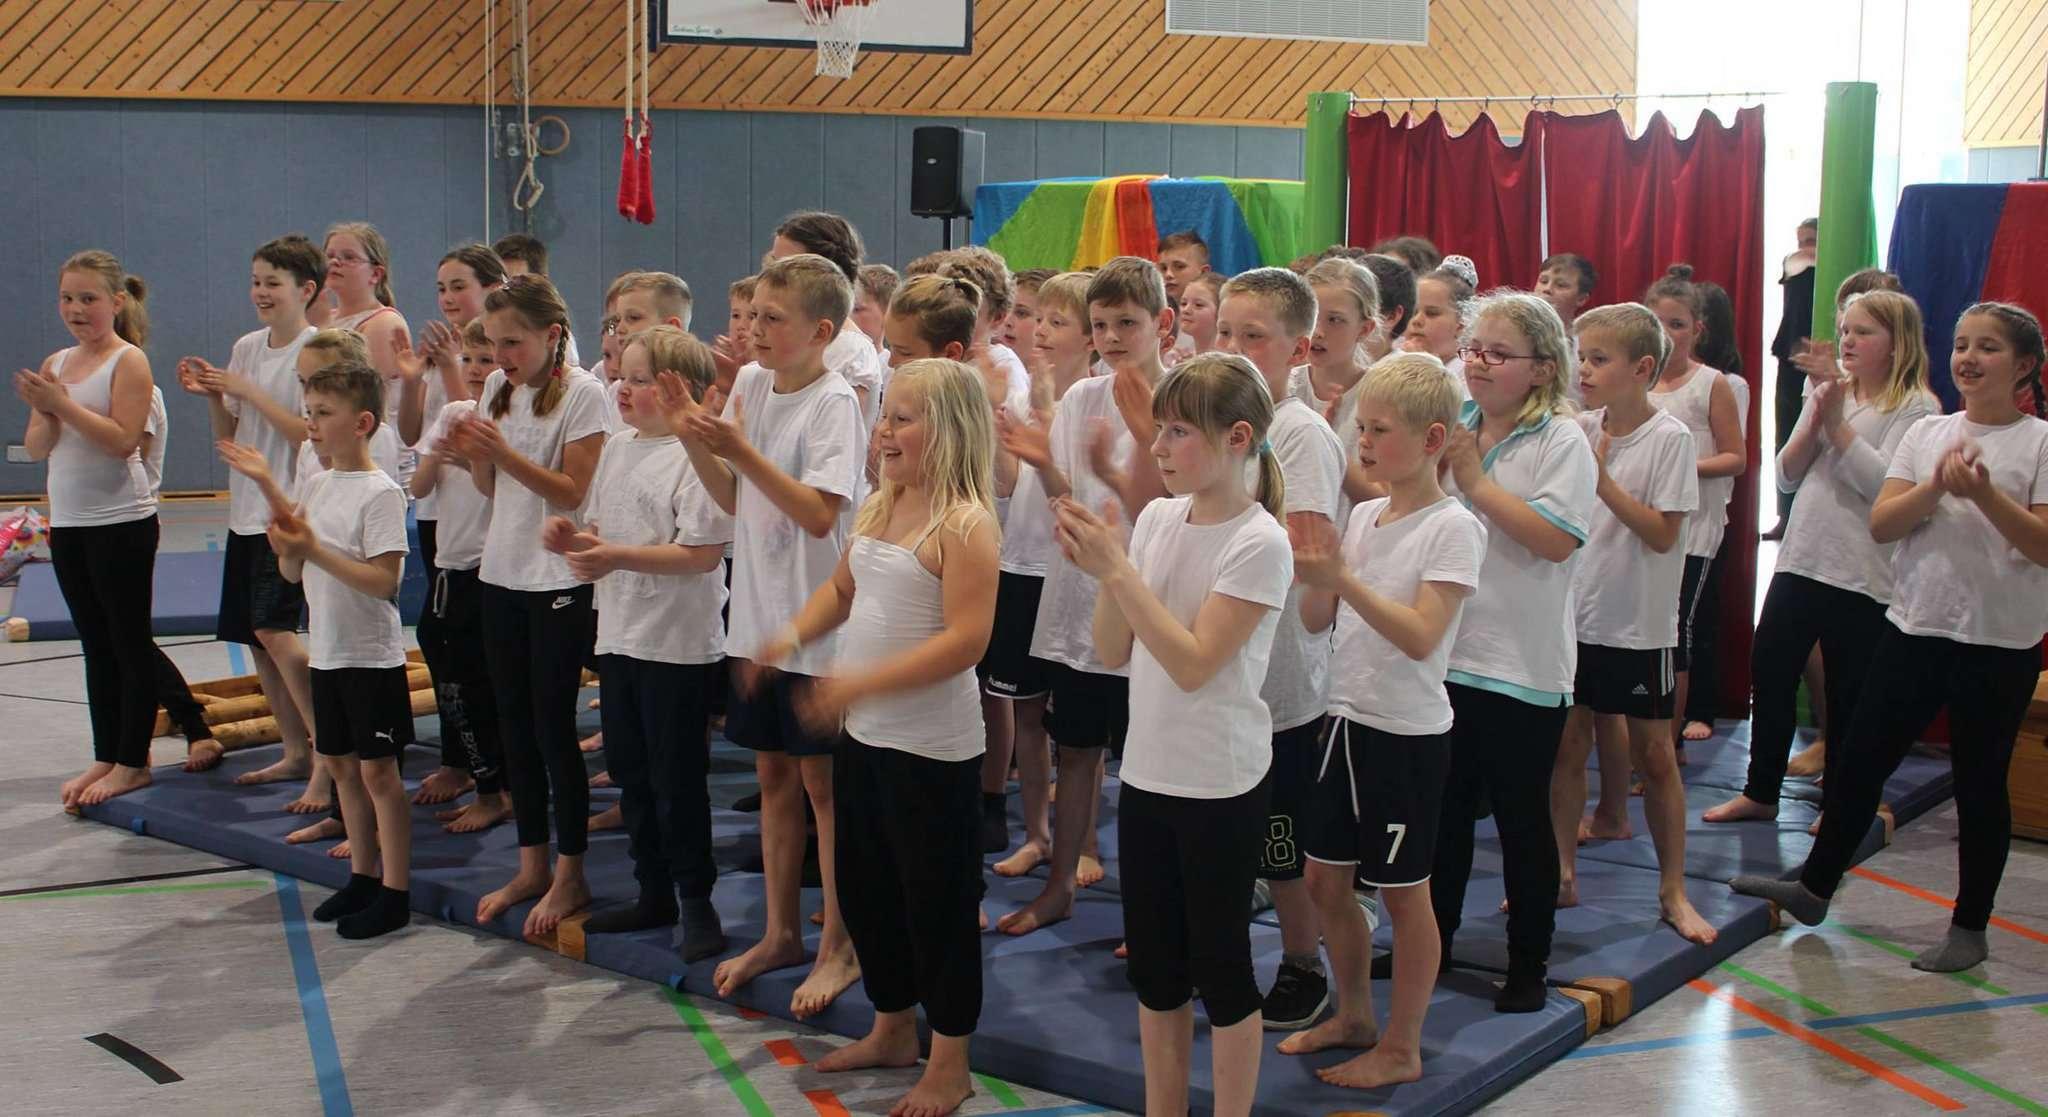 Die kleinen Artisten begeisterten mit ihrem großen Auftritt. Foto: Henning Leeske